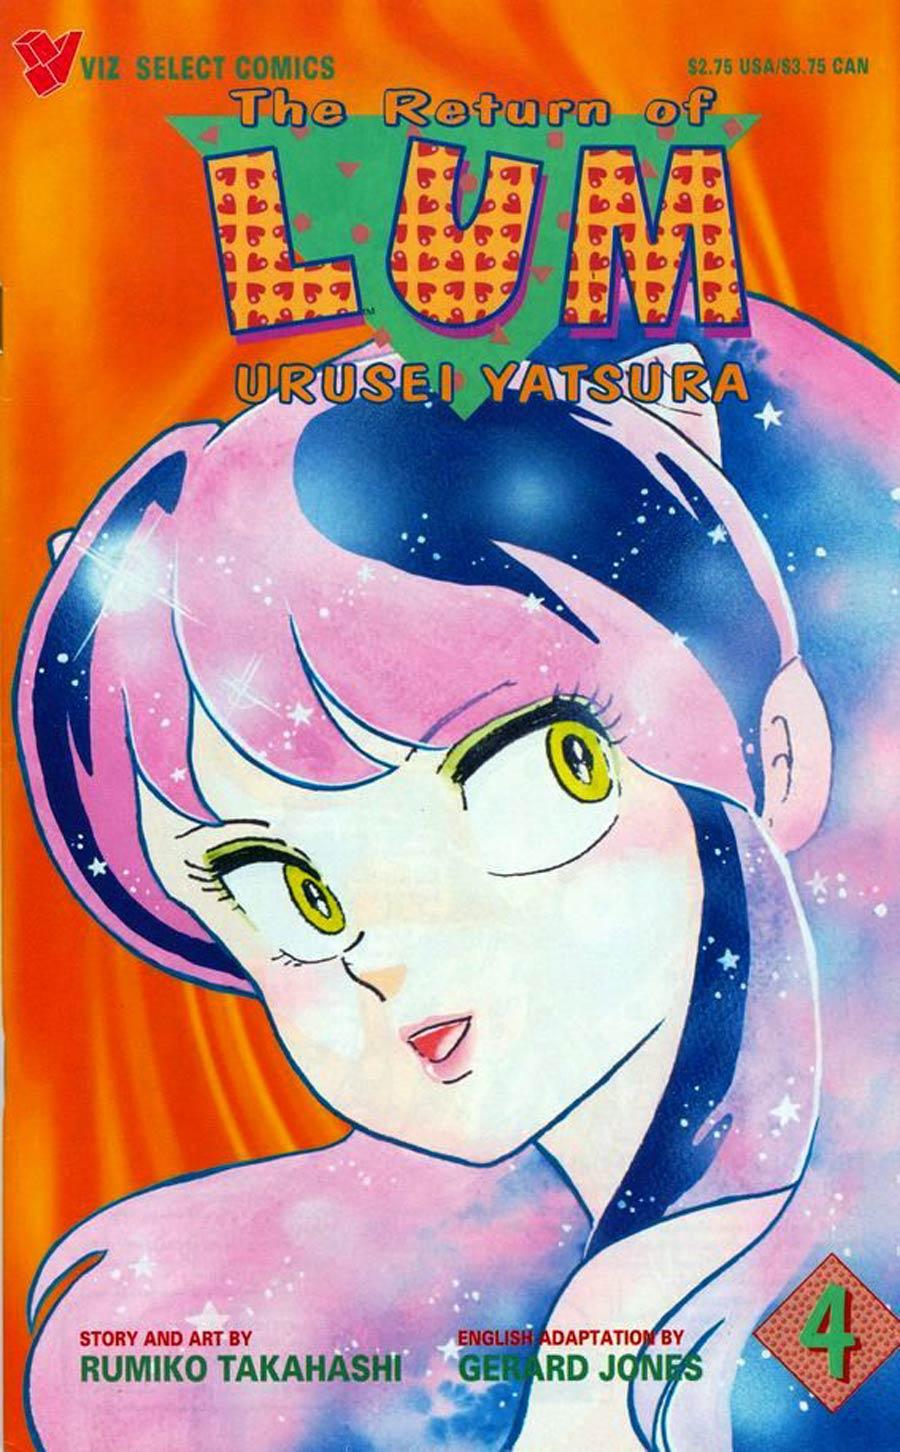 Return Of Lum Urusei Yatsura #4